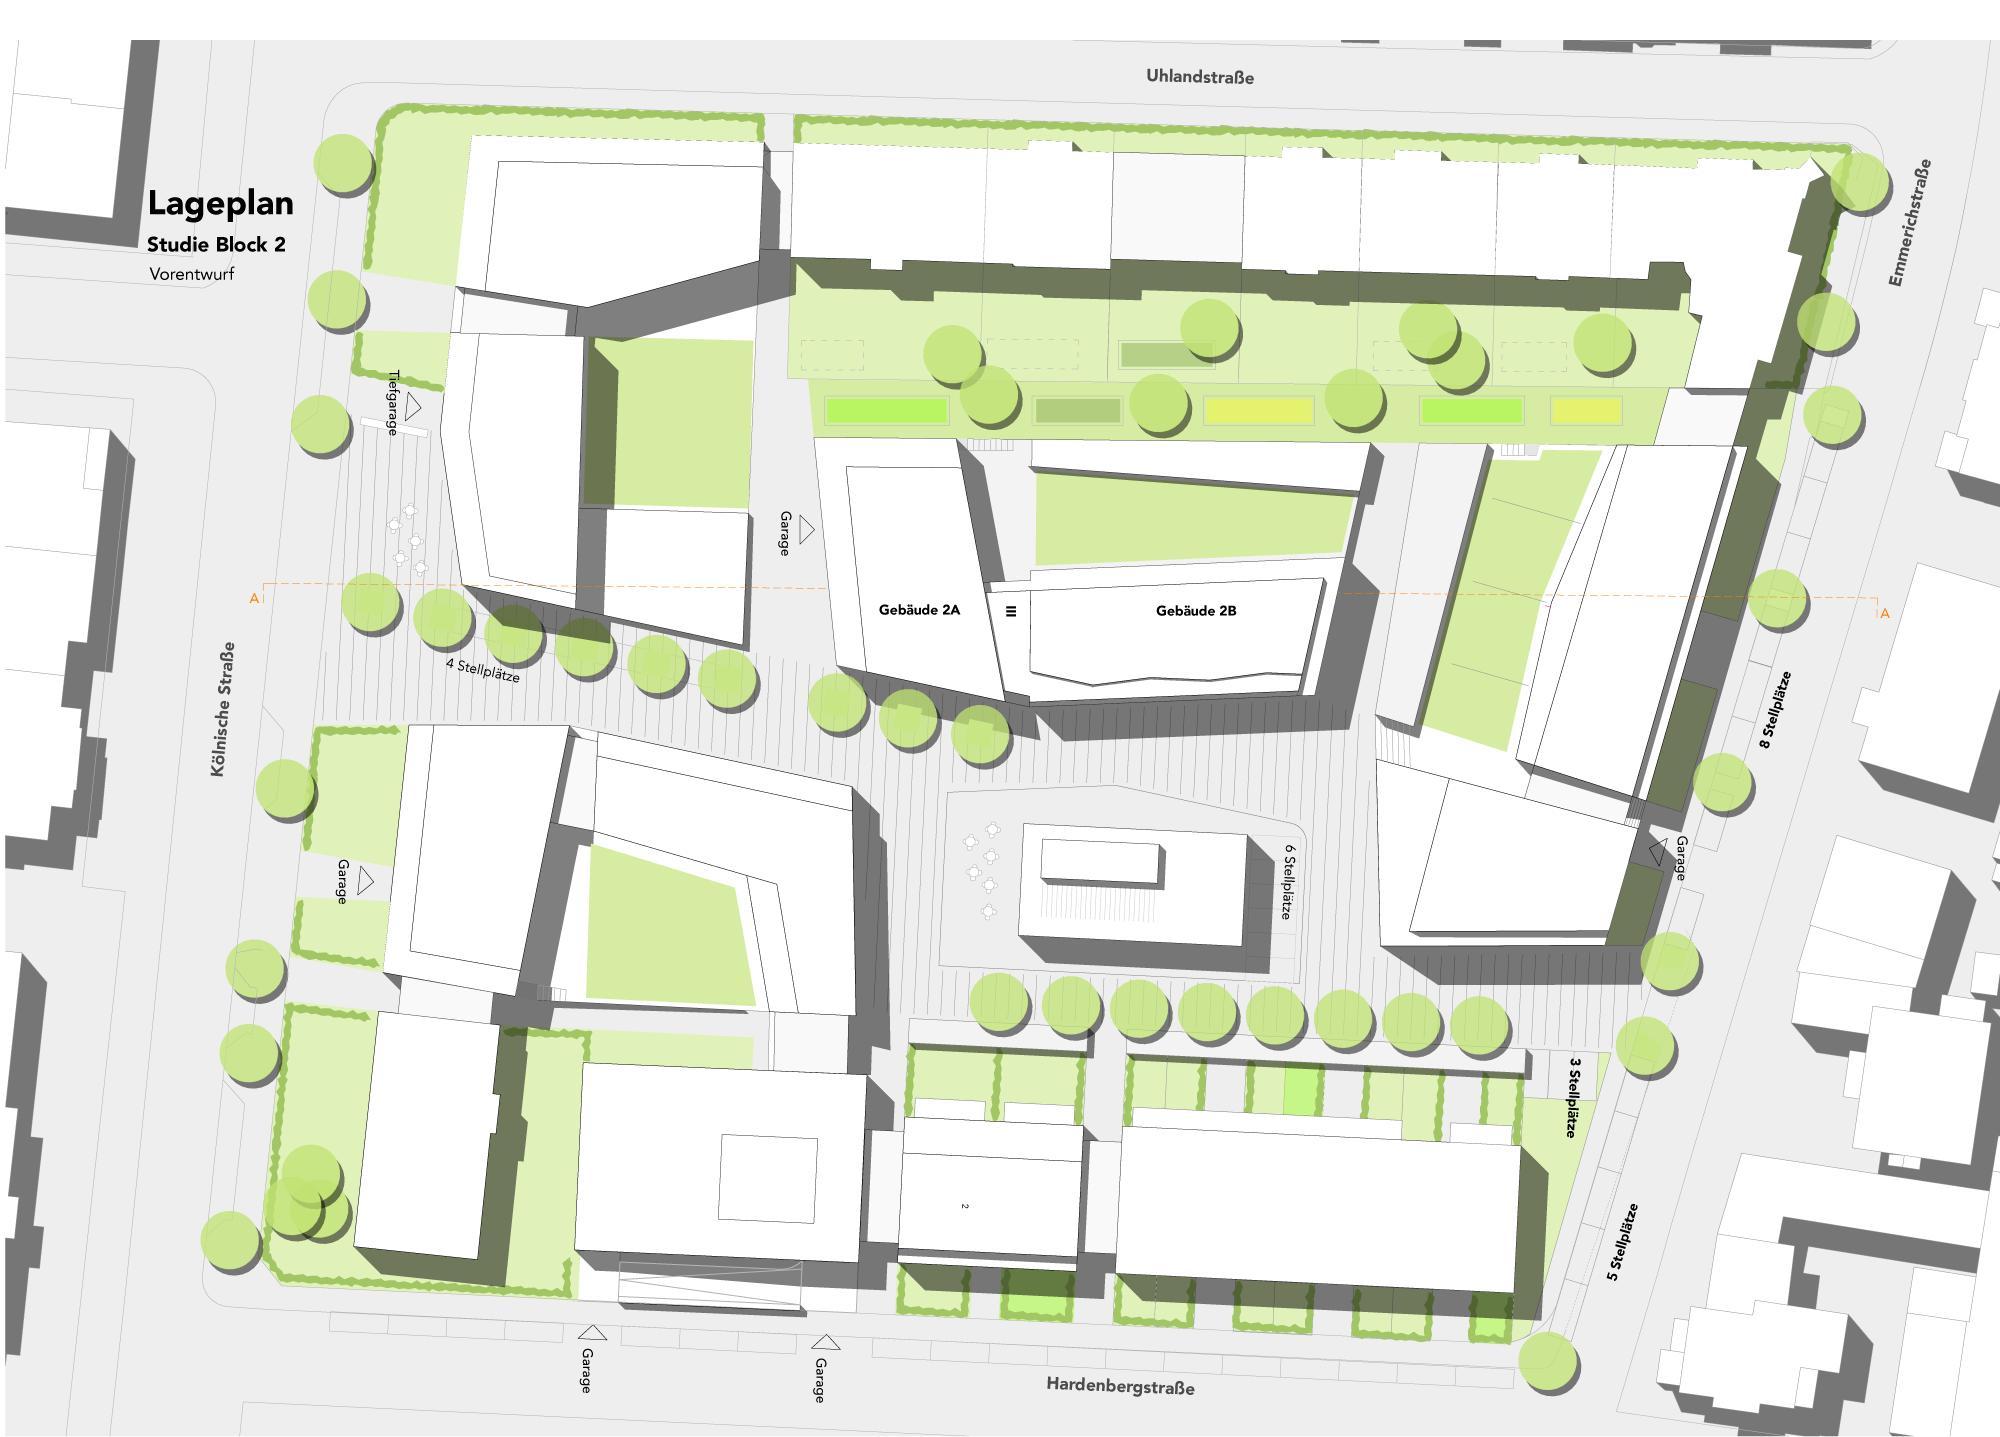 Nächstes Jahr wird auf dem Martini-Gelände im Vorderen Westen gebaut